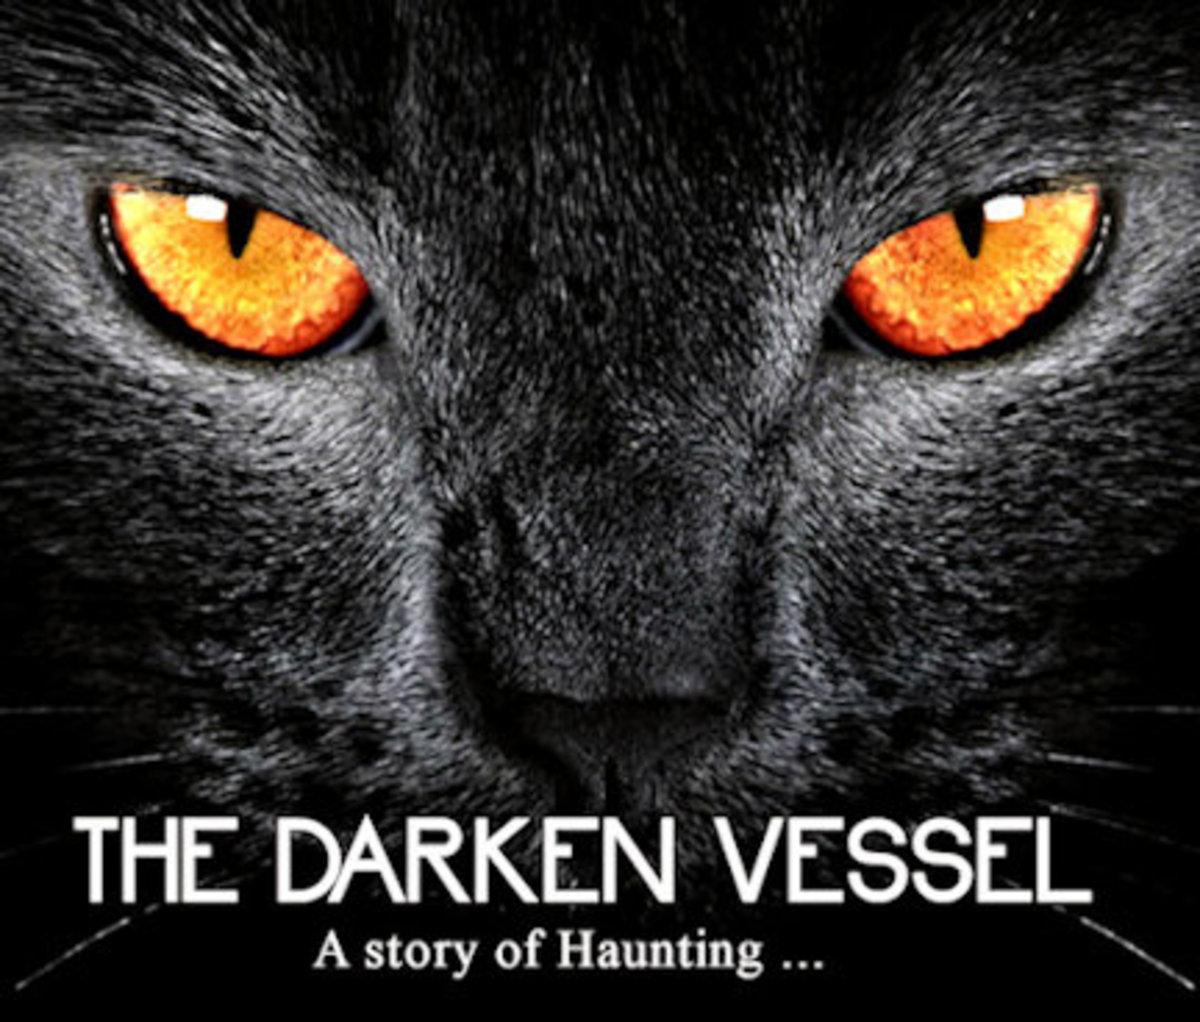 The Darken Vessel 5